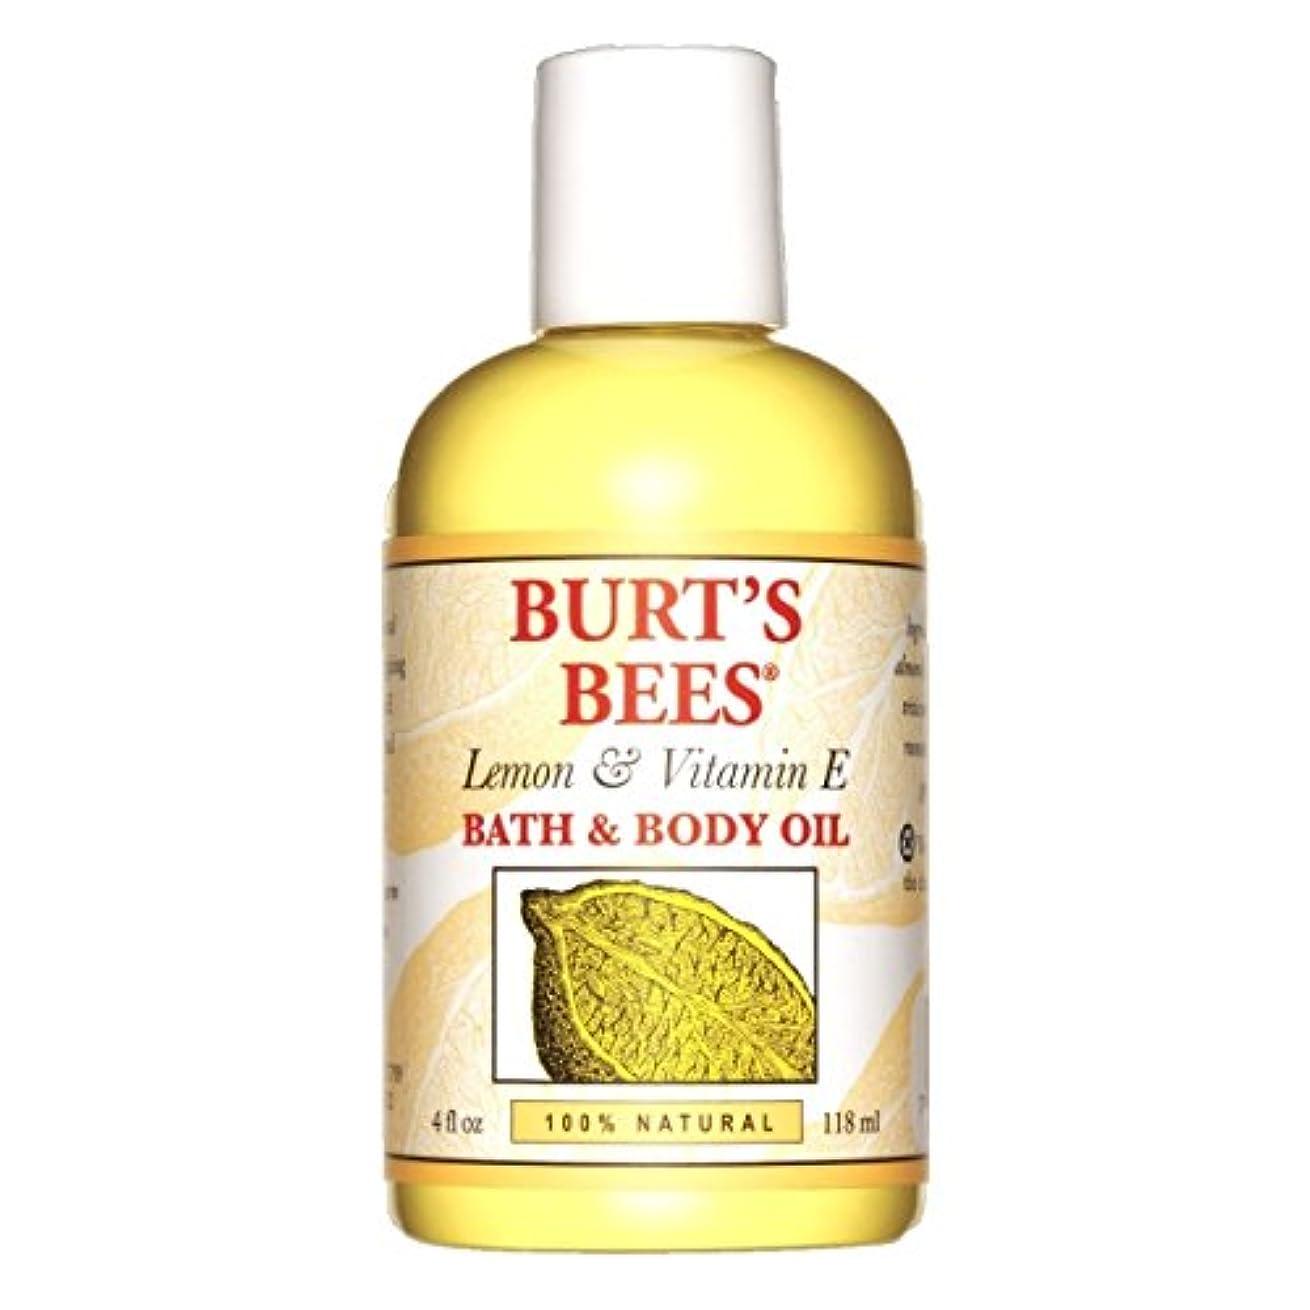 不振田舎揺れるバーツビーズ(Burt's Bees) レモン&ビタミンE バスアンドボディオイル 118ml [海外直送品][並行輸入品]